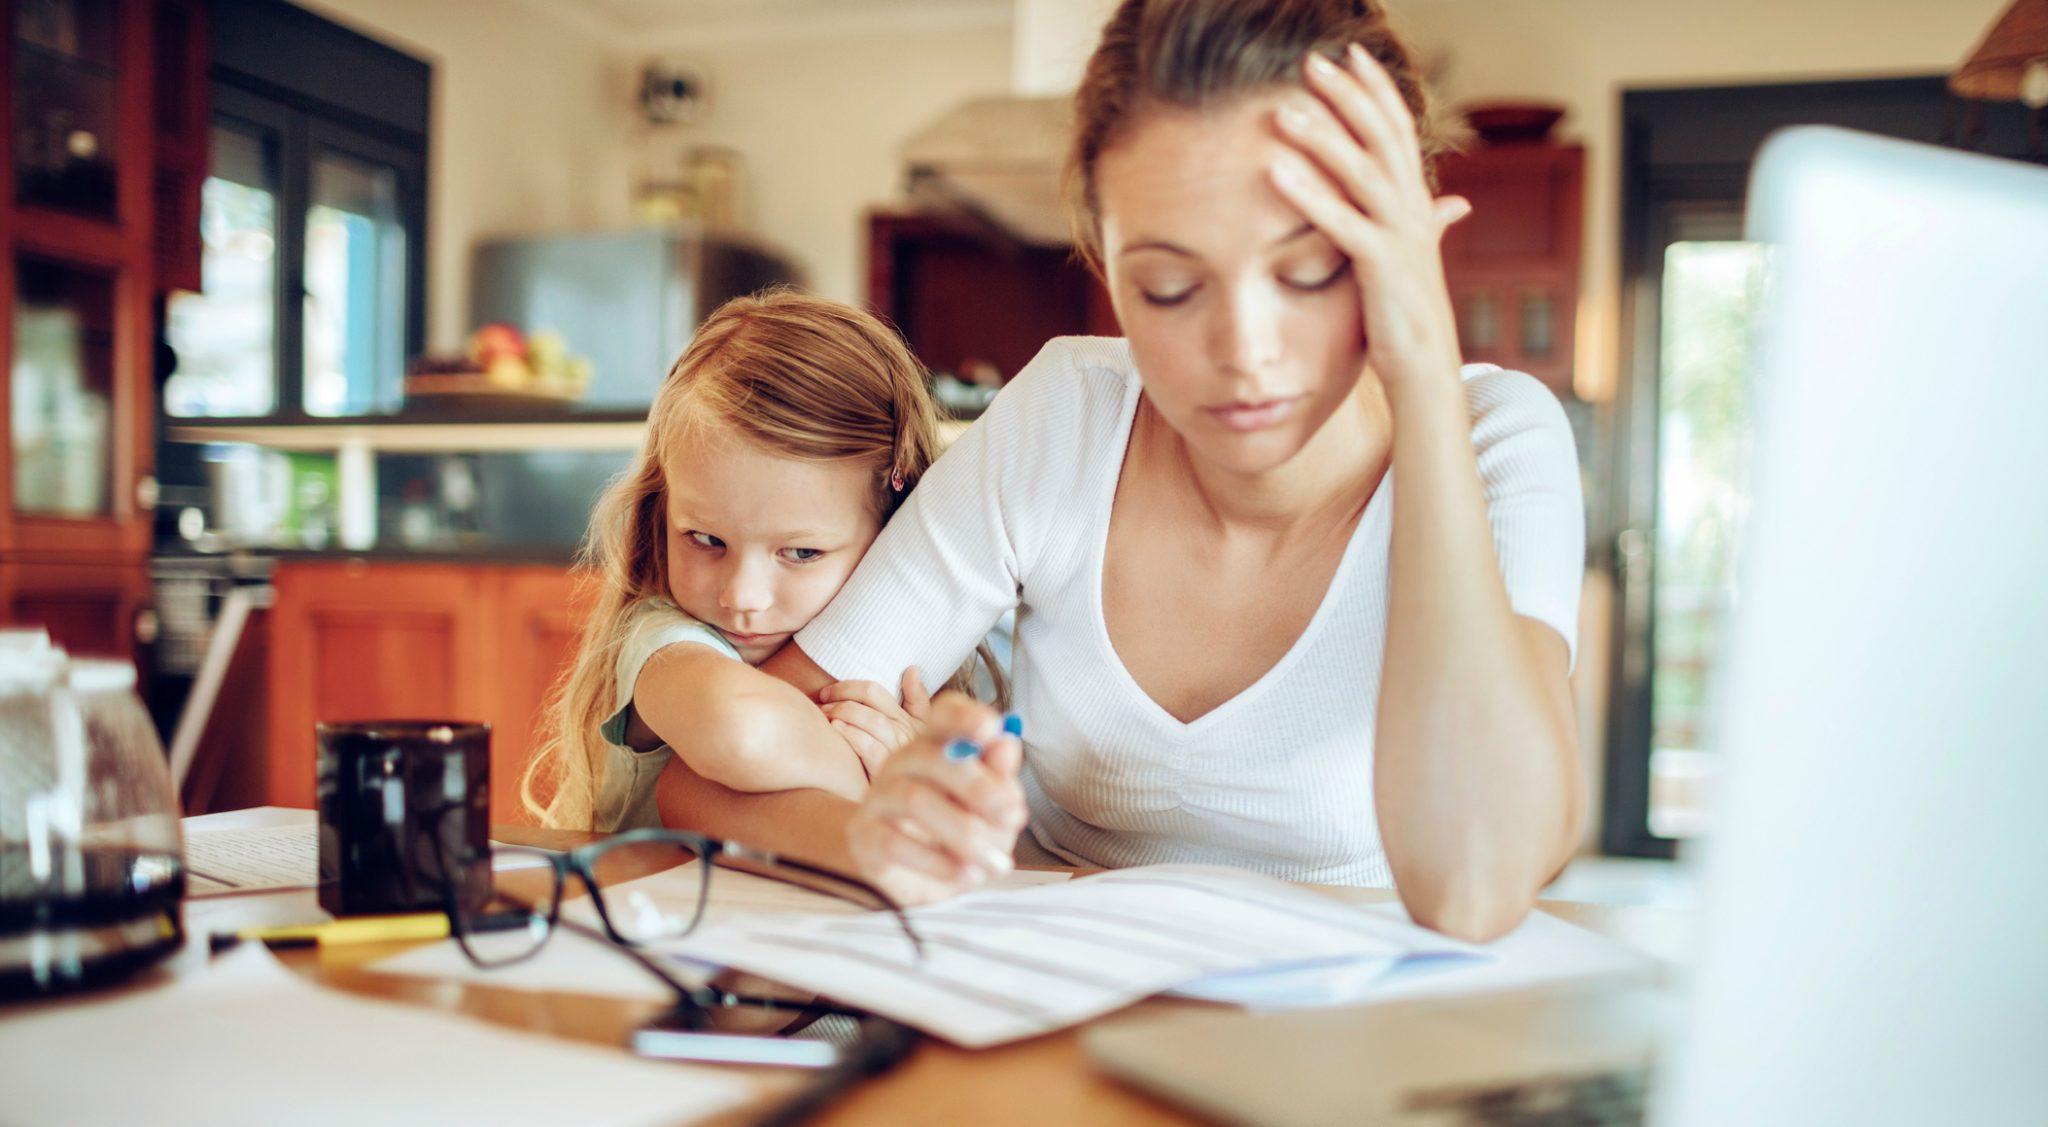 Redditi e lavoro: madri, non madri e il convitato di pietra